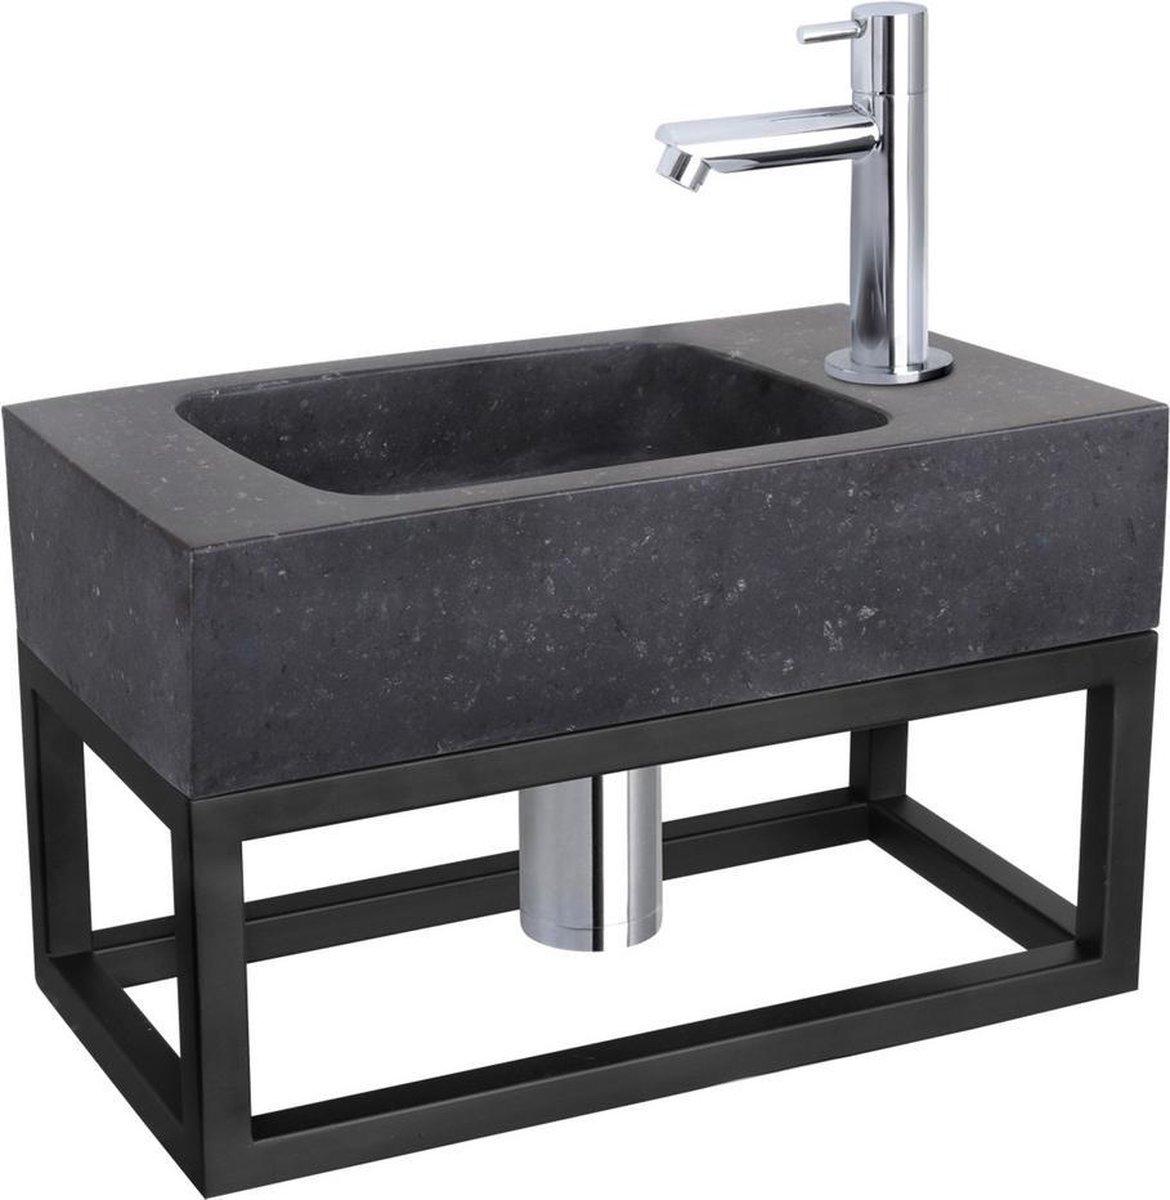 Differnz Fonteinset Bombai black - Natuursteen - Kraan recht chroom - Met handdoekrek - 40 x 22 x 9 cm